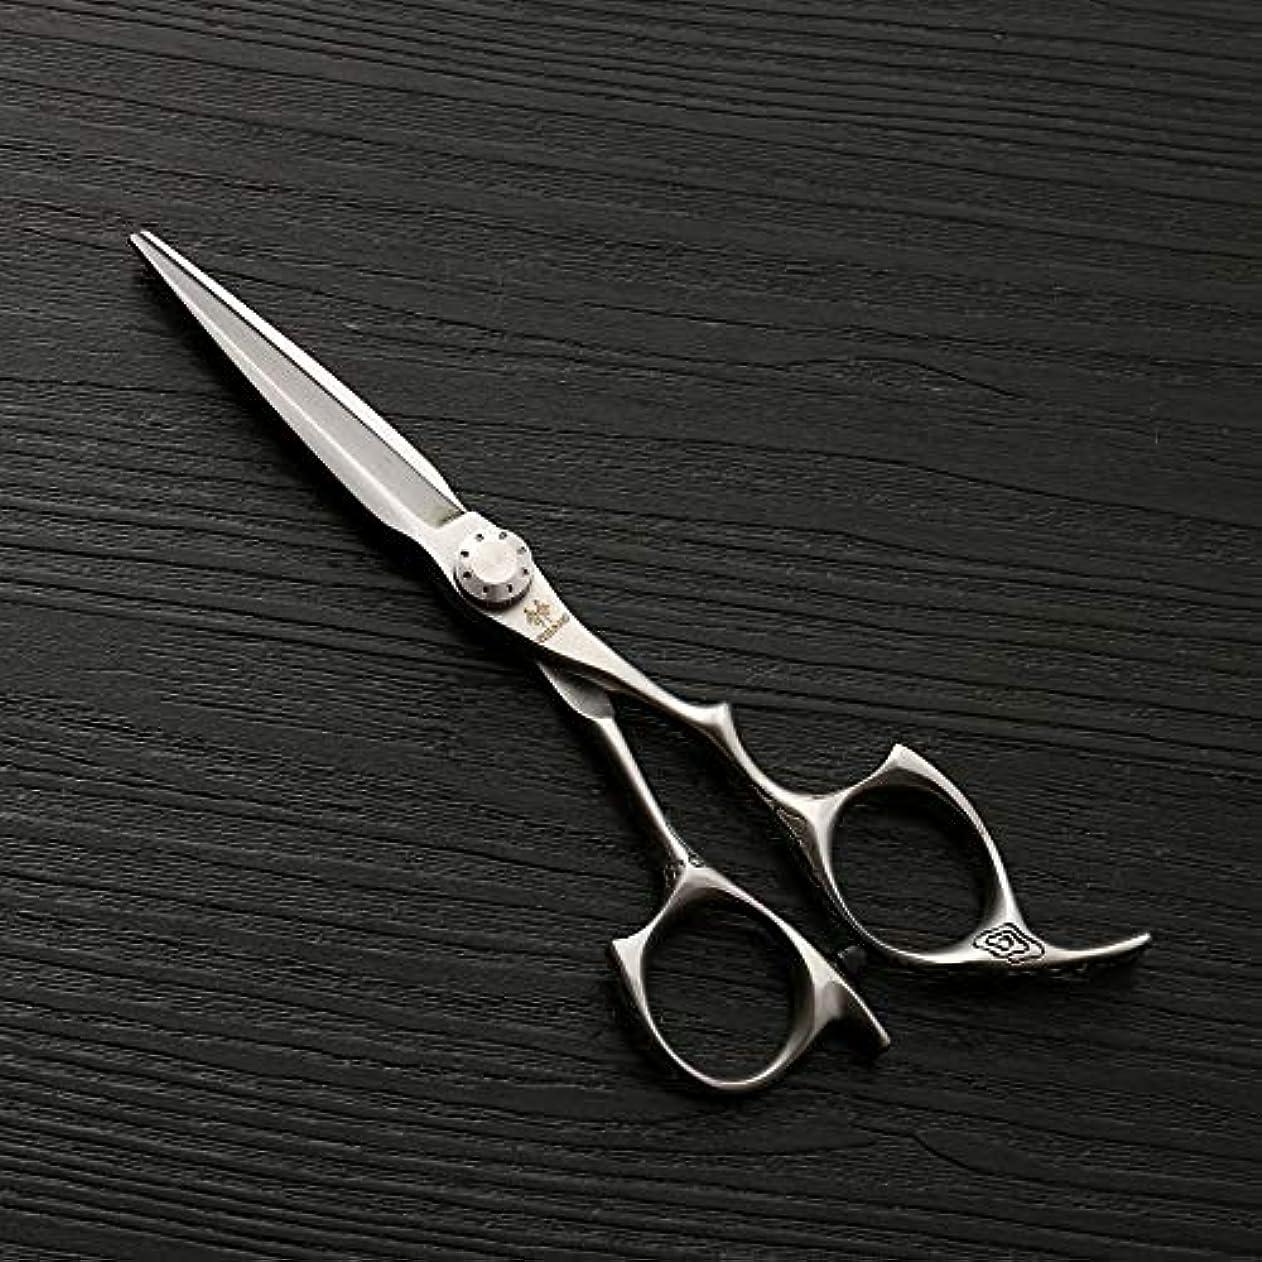 シール文化ジェームズダイソン理髪用はさみ 新バリカン、ヘアスタイリスト理髪はさみ、5.5インチステンレス鋼プロフェッショナルフラットシアーヘアカットシザーステンレス理髪はさみ (色 : Silver)